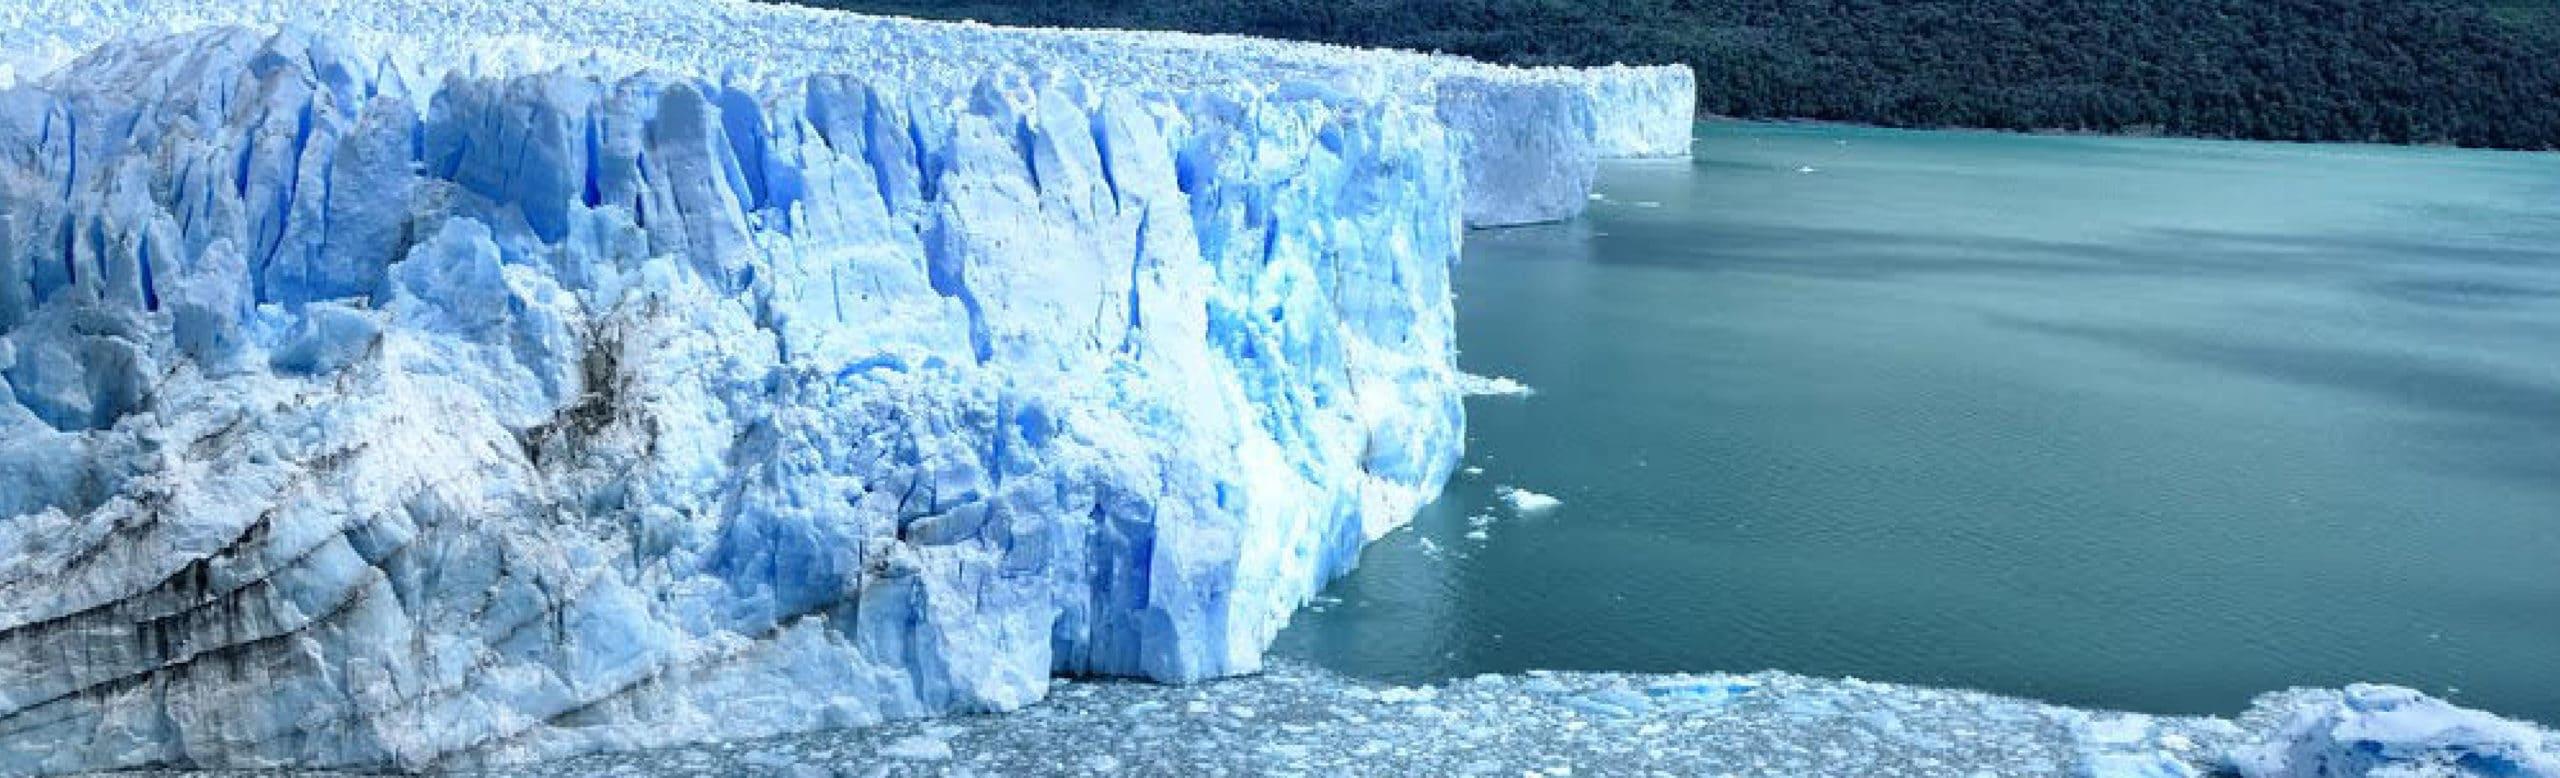 Is Perito Moreno Glacier melting?